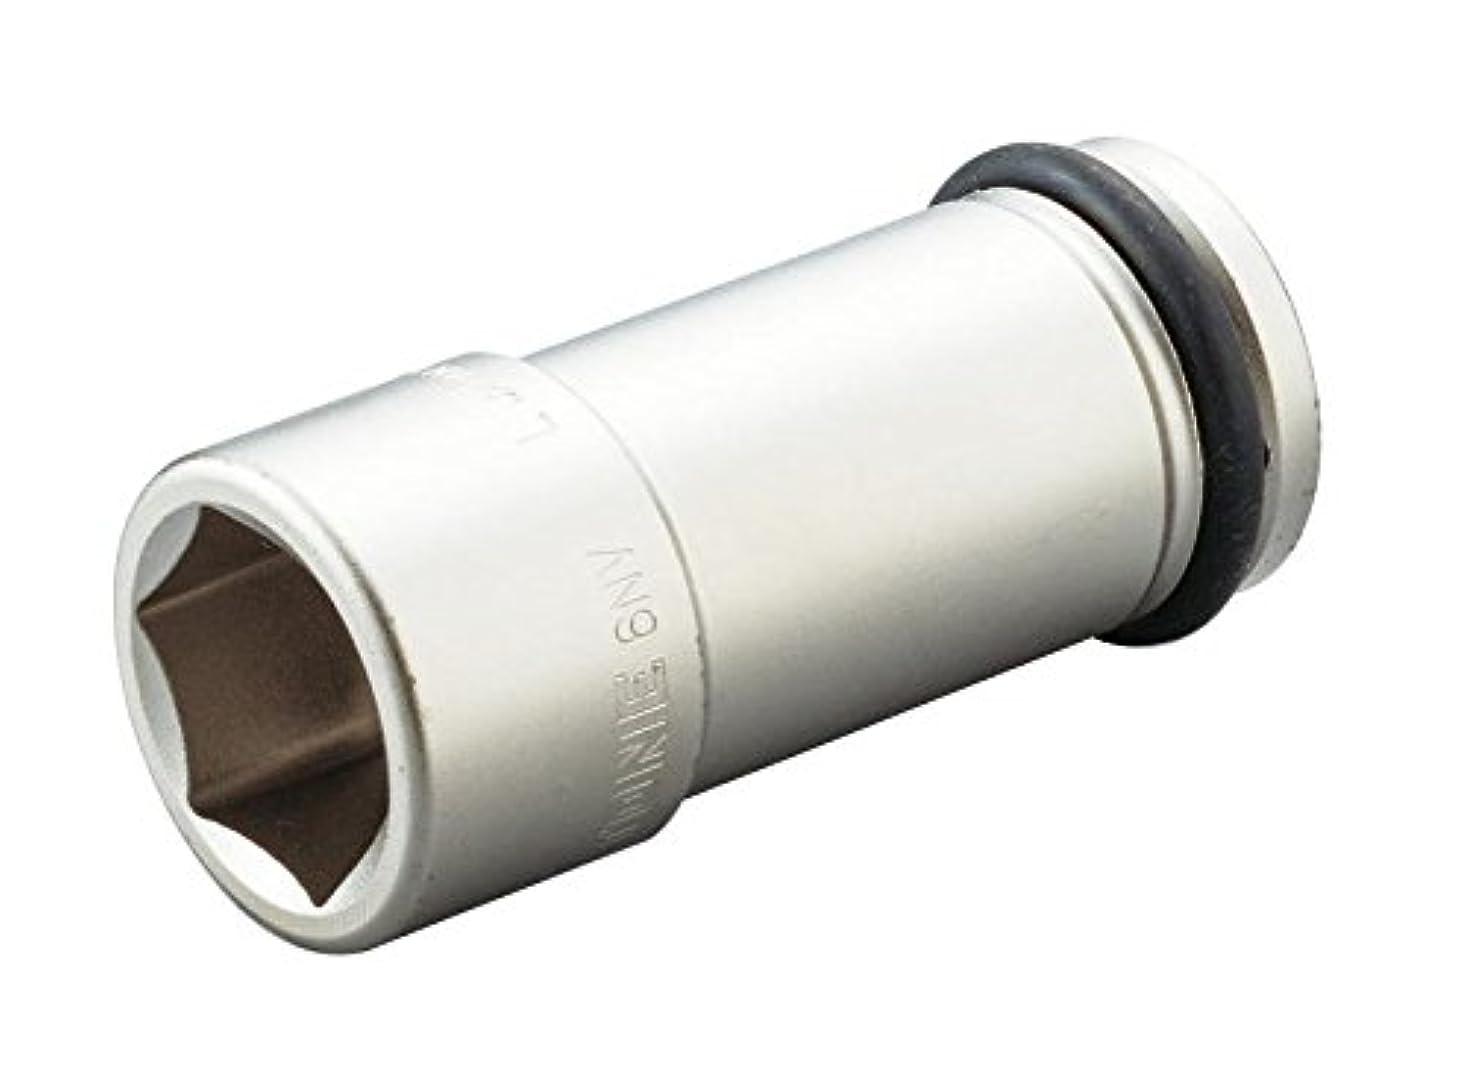 うまエスカレーター元気なトネ(TONE) インパクト用ロングソケット 差込角19.0mm(3/4